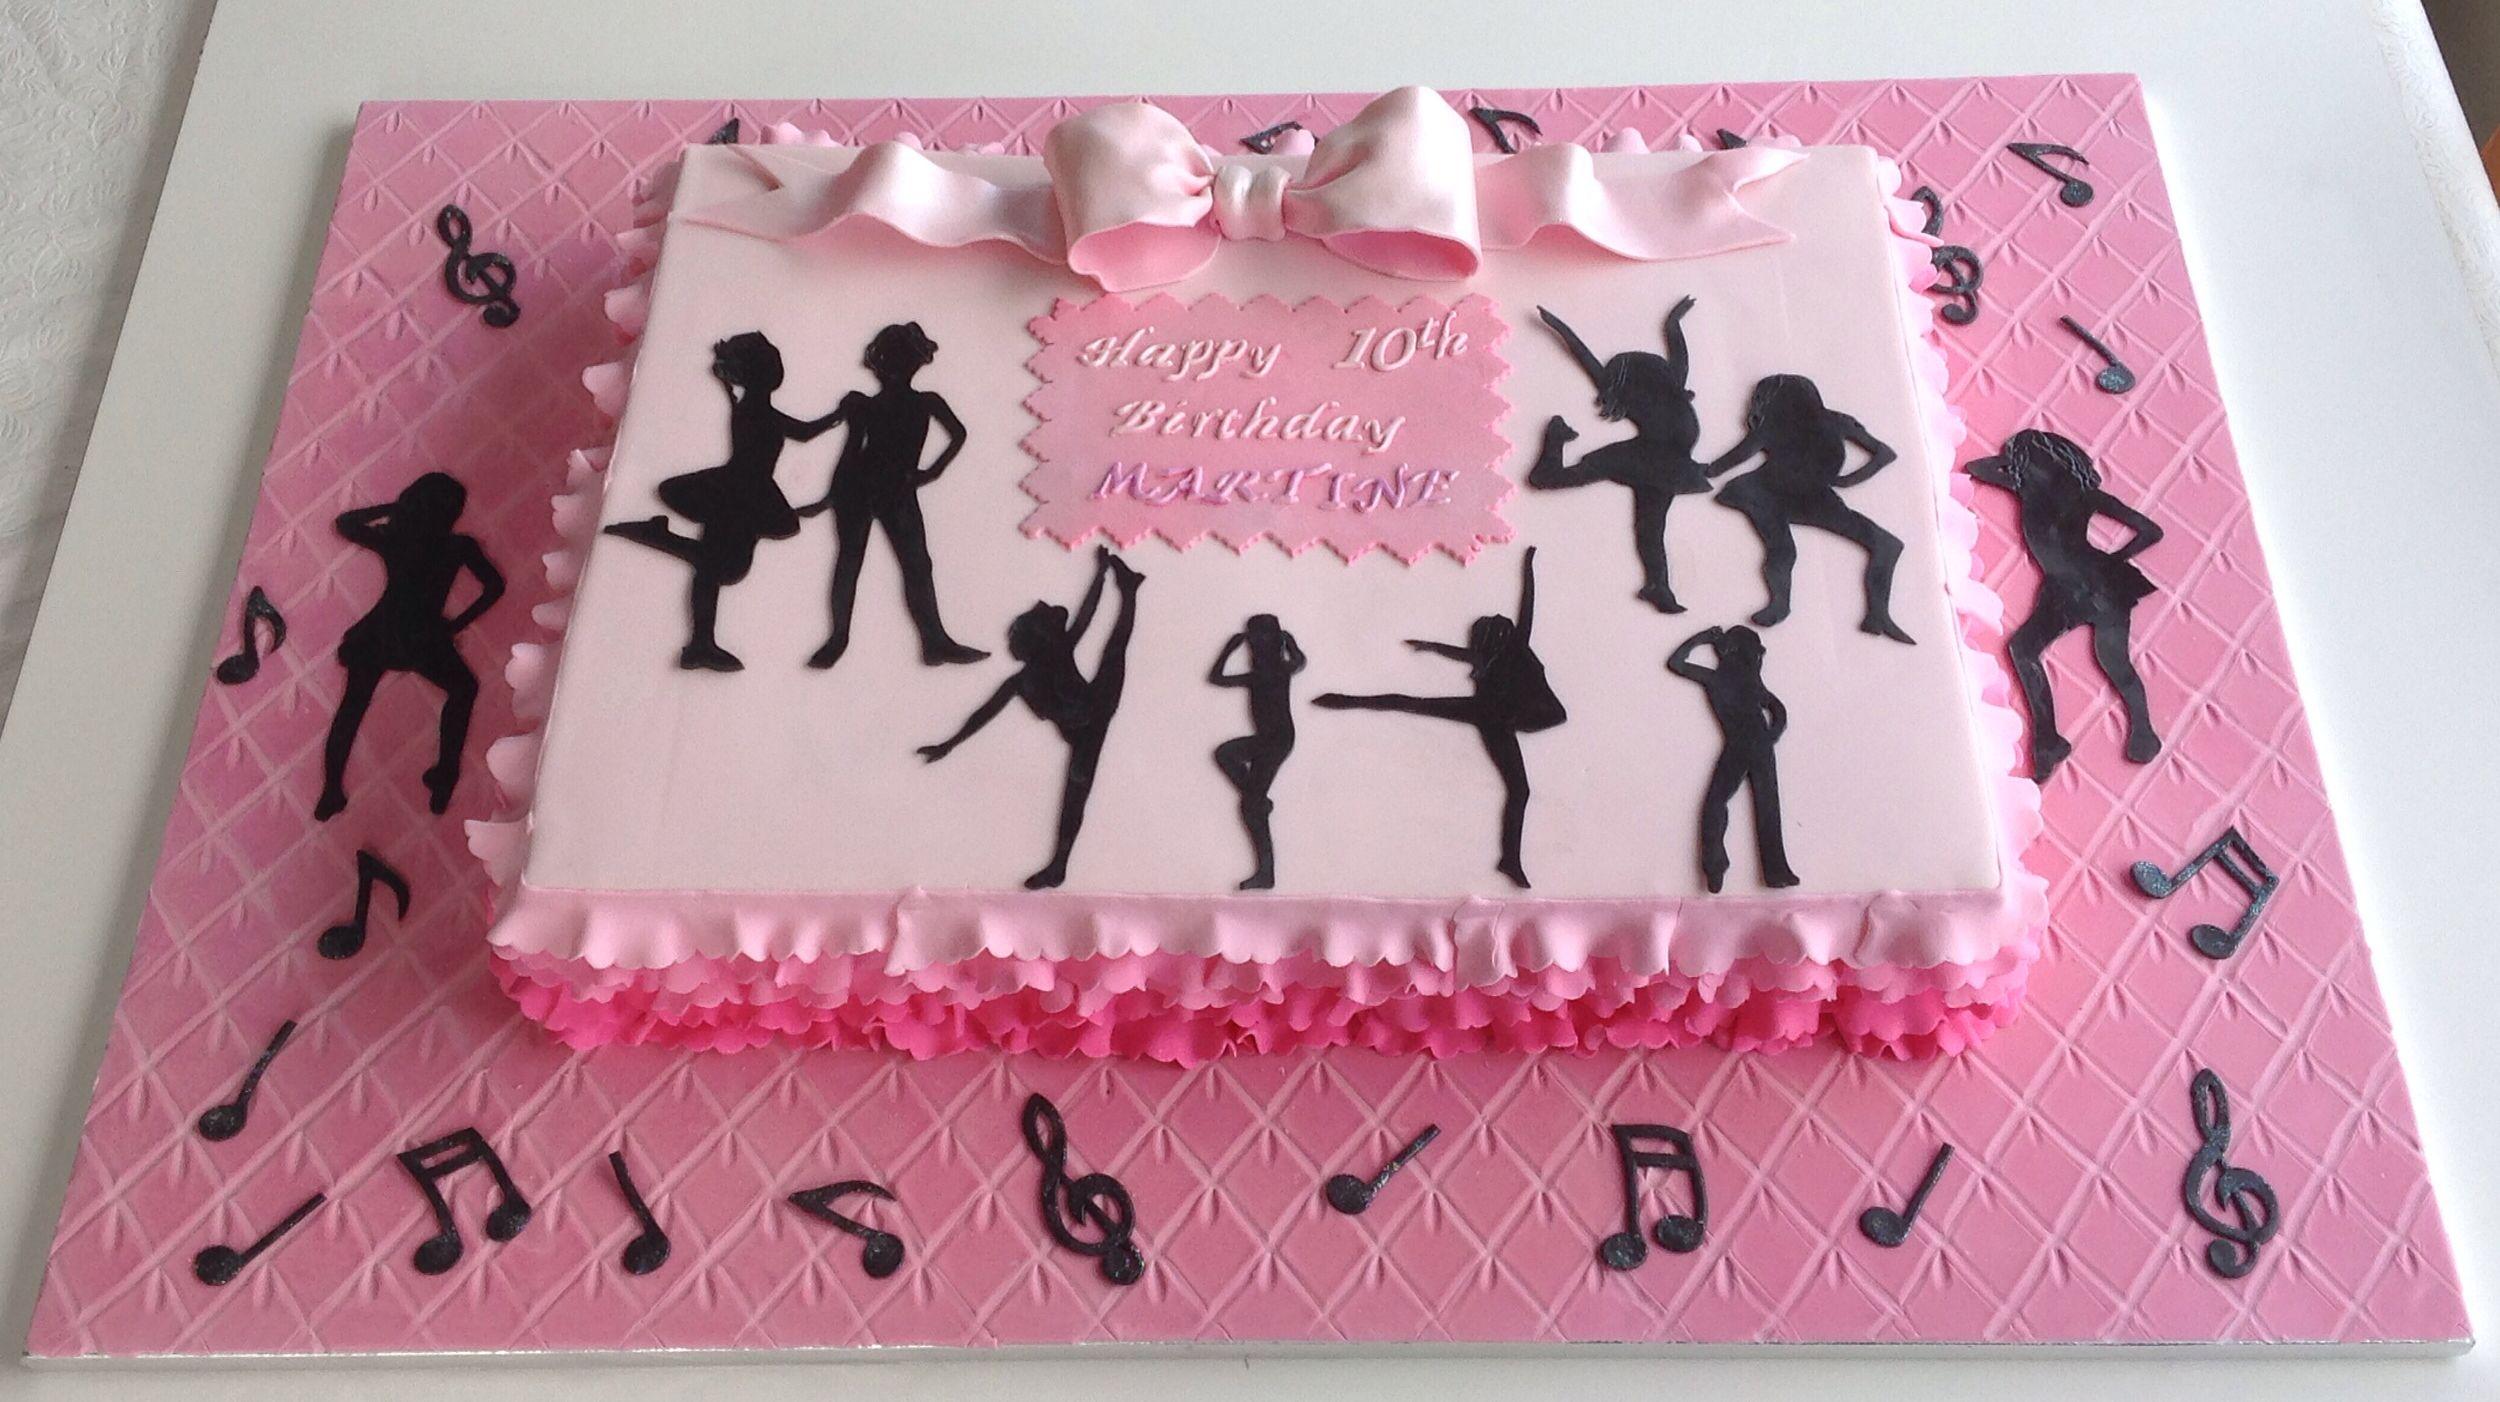 Astounding Dance Themed Sheet Cake Dance Birthday Cake Dance Cakes Funny Birthday Cards Online Hetedamsfinfo